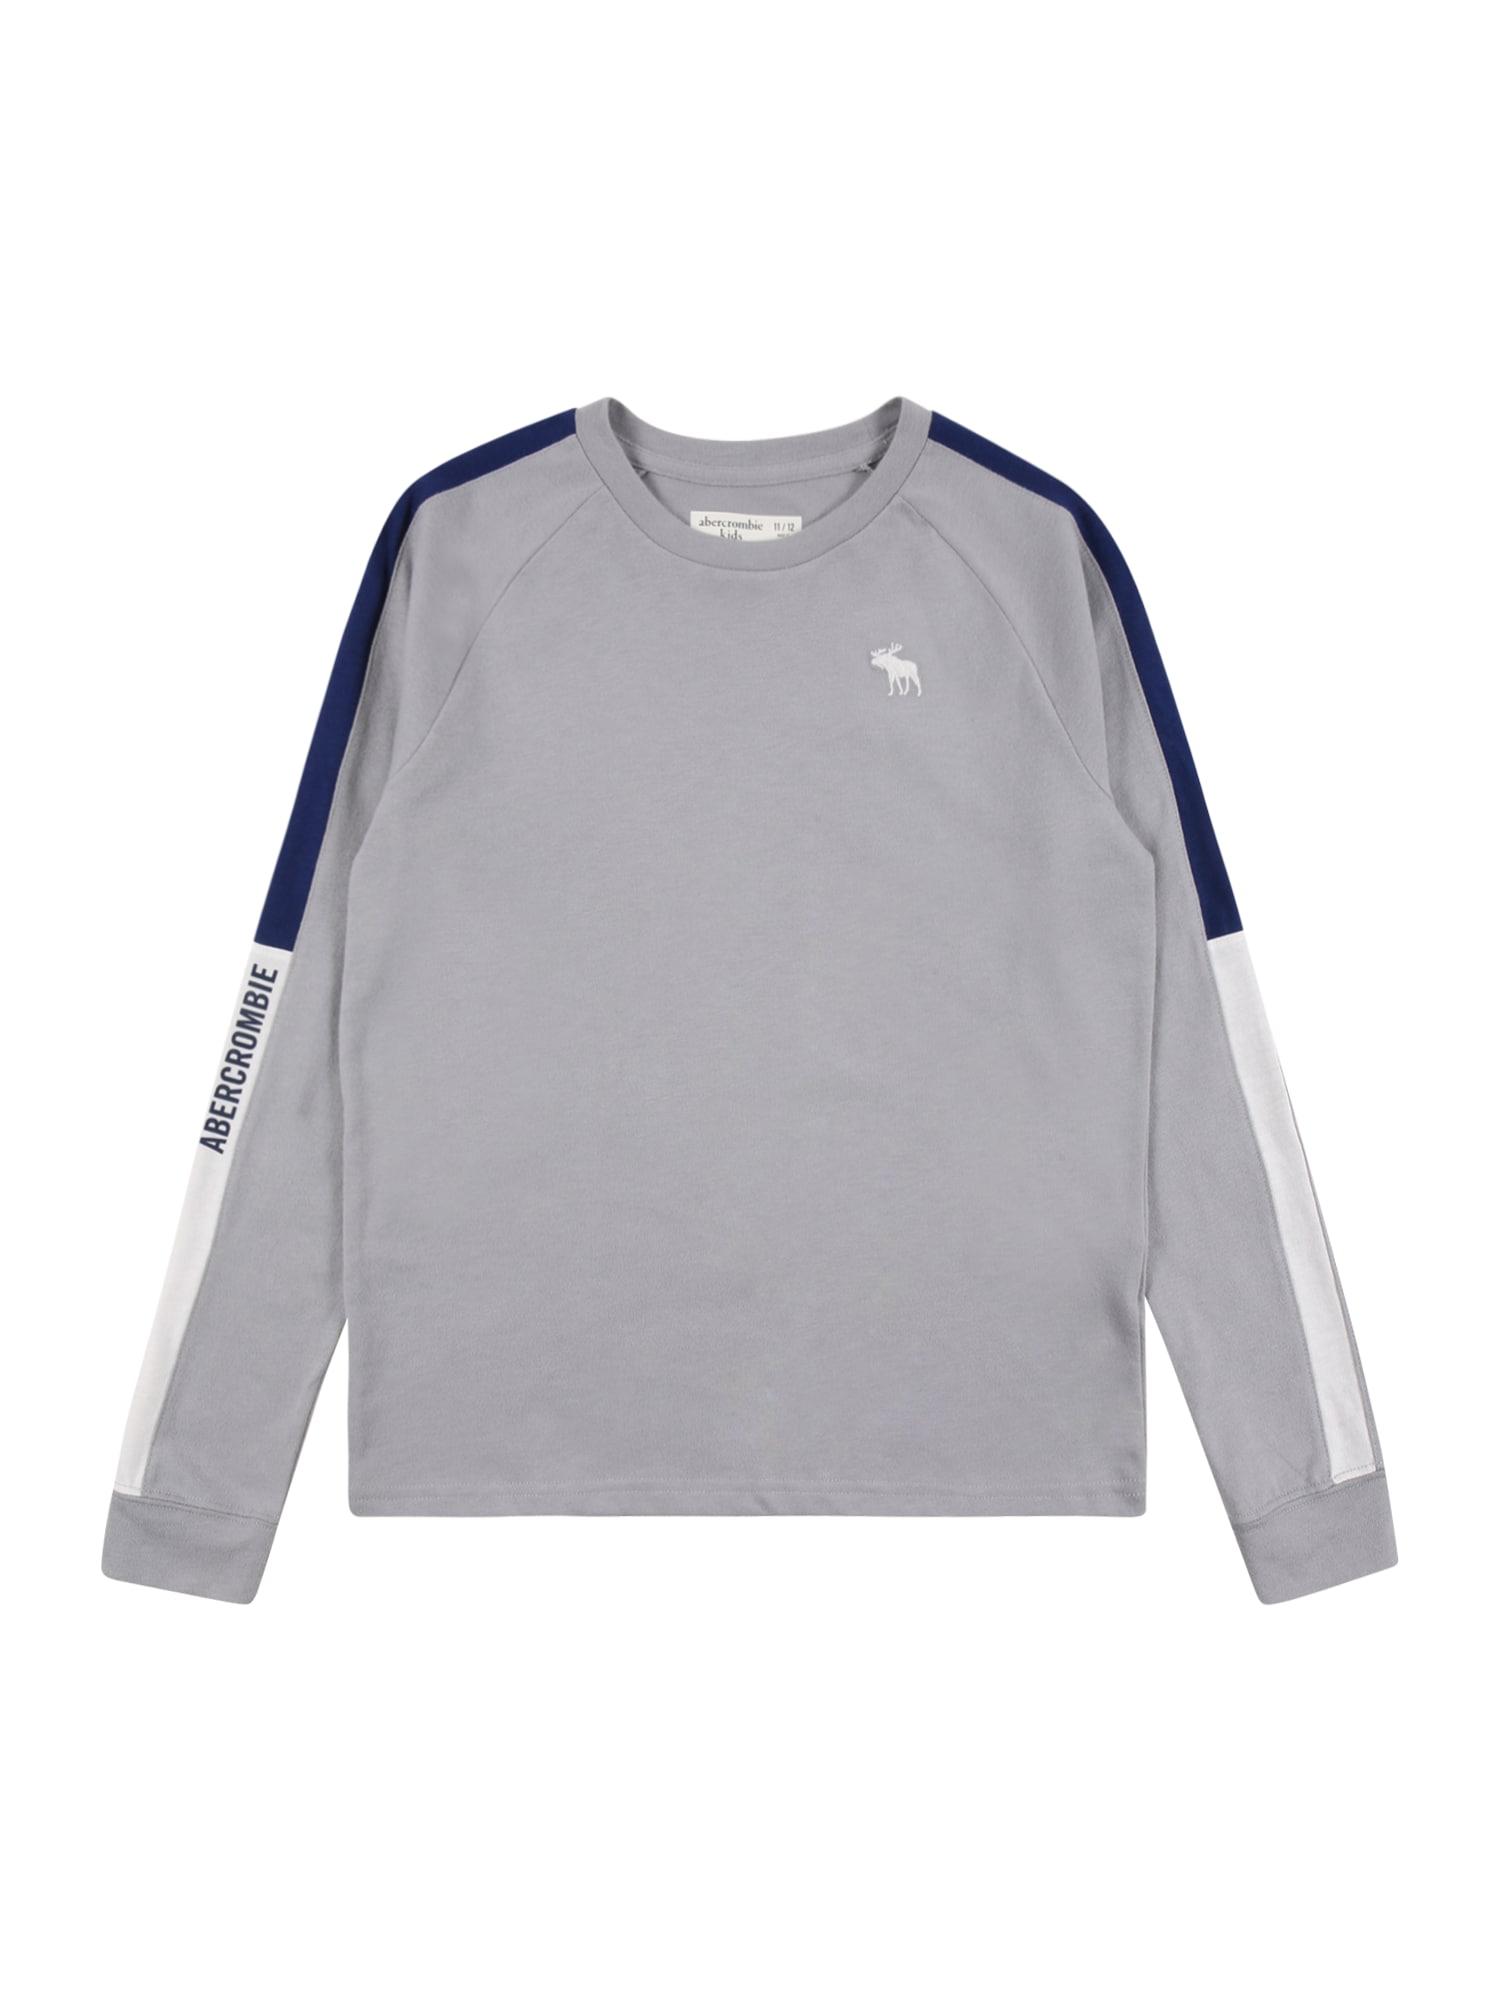 Abercrombie & Fitch Marškinėliai pilka / balta / tamsiai mėlyna jūros spalva